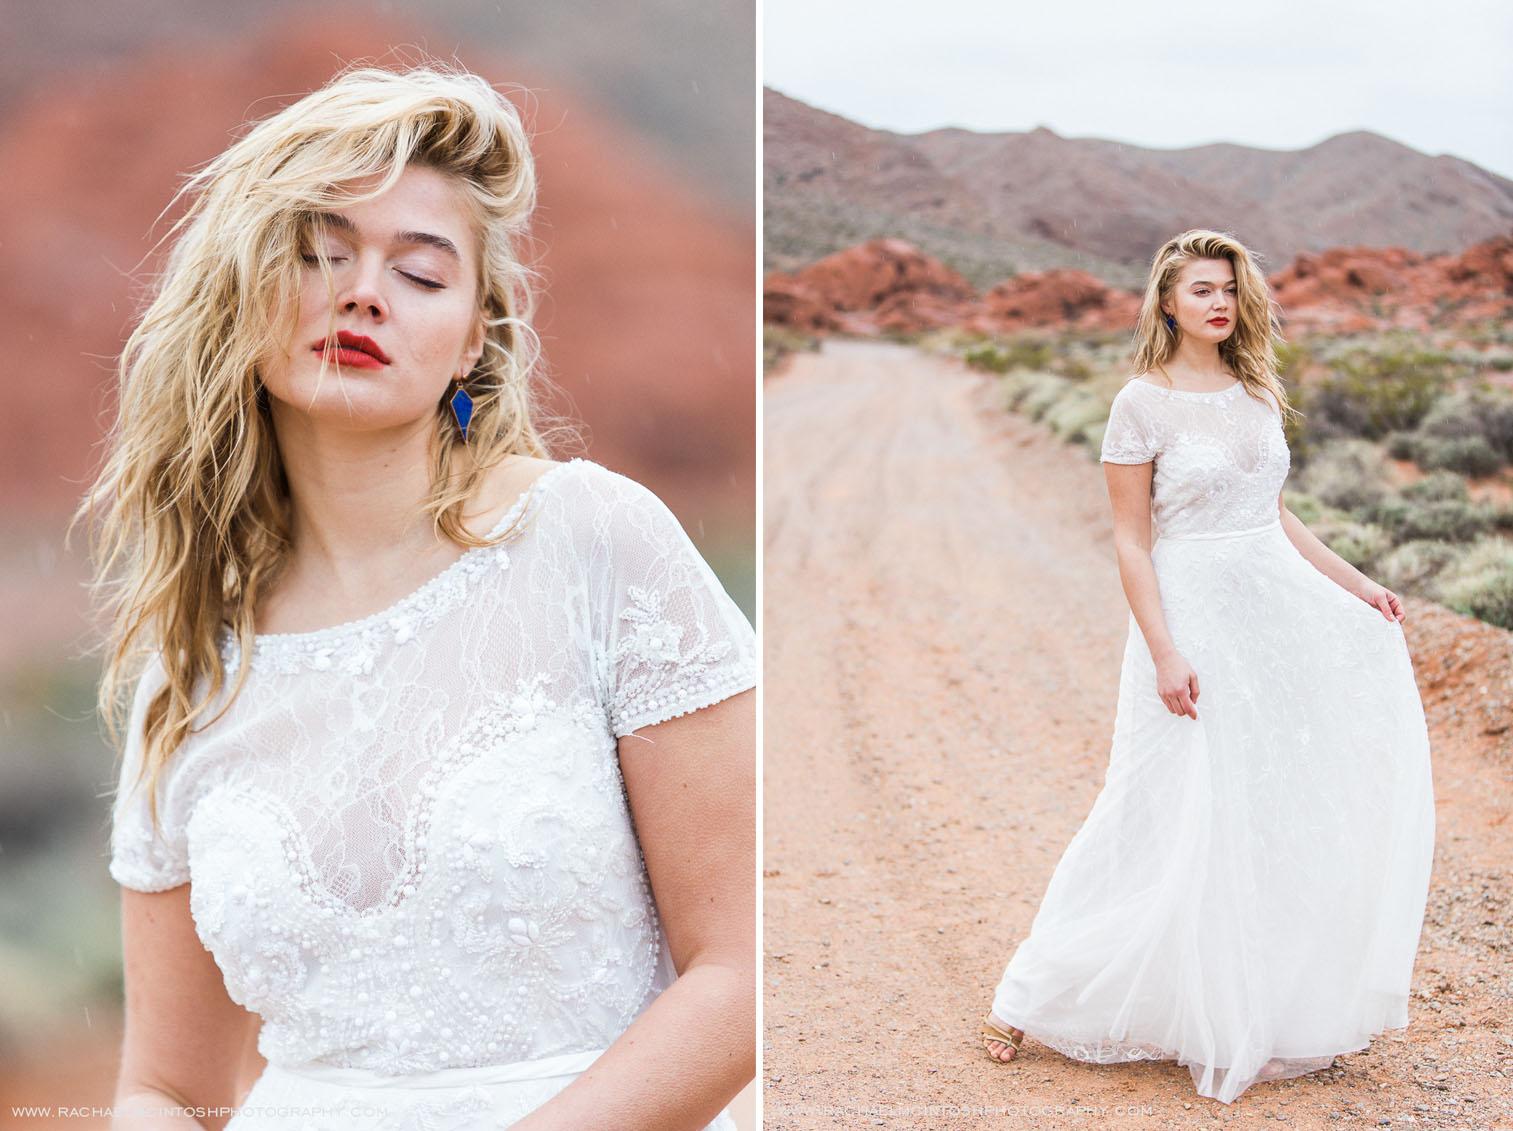 Khrystyana-styled-shoot-desert-wedding-30.jpg